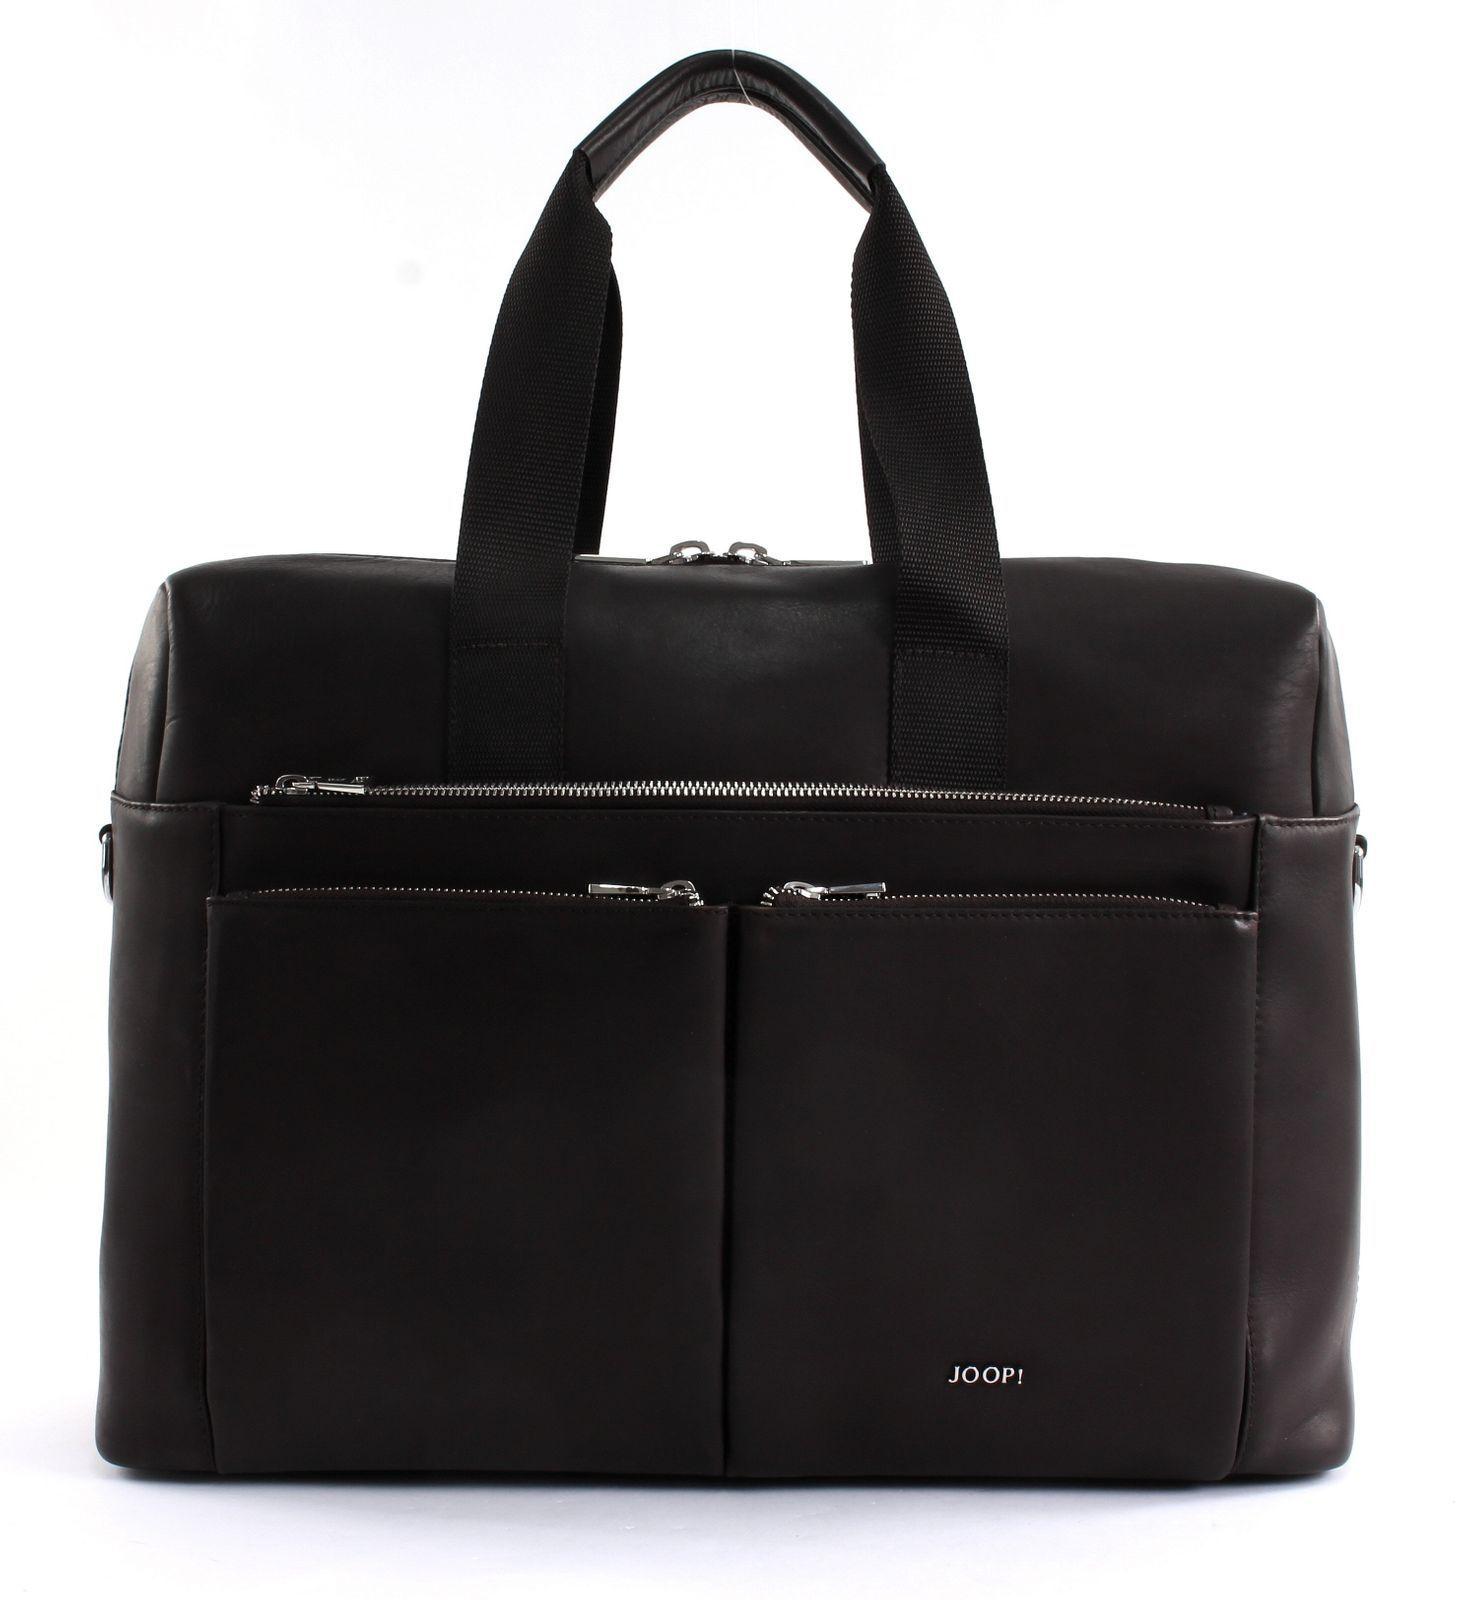 JOOP  Liana 2 Pandion Briefbag XLHZ Aktentasche Umhängetasche Tasche braun Braun | Überlegene Qualität  | New Listing  | Bekannt für seine hervorragende Qualität